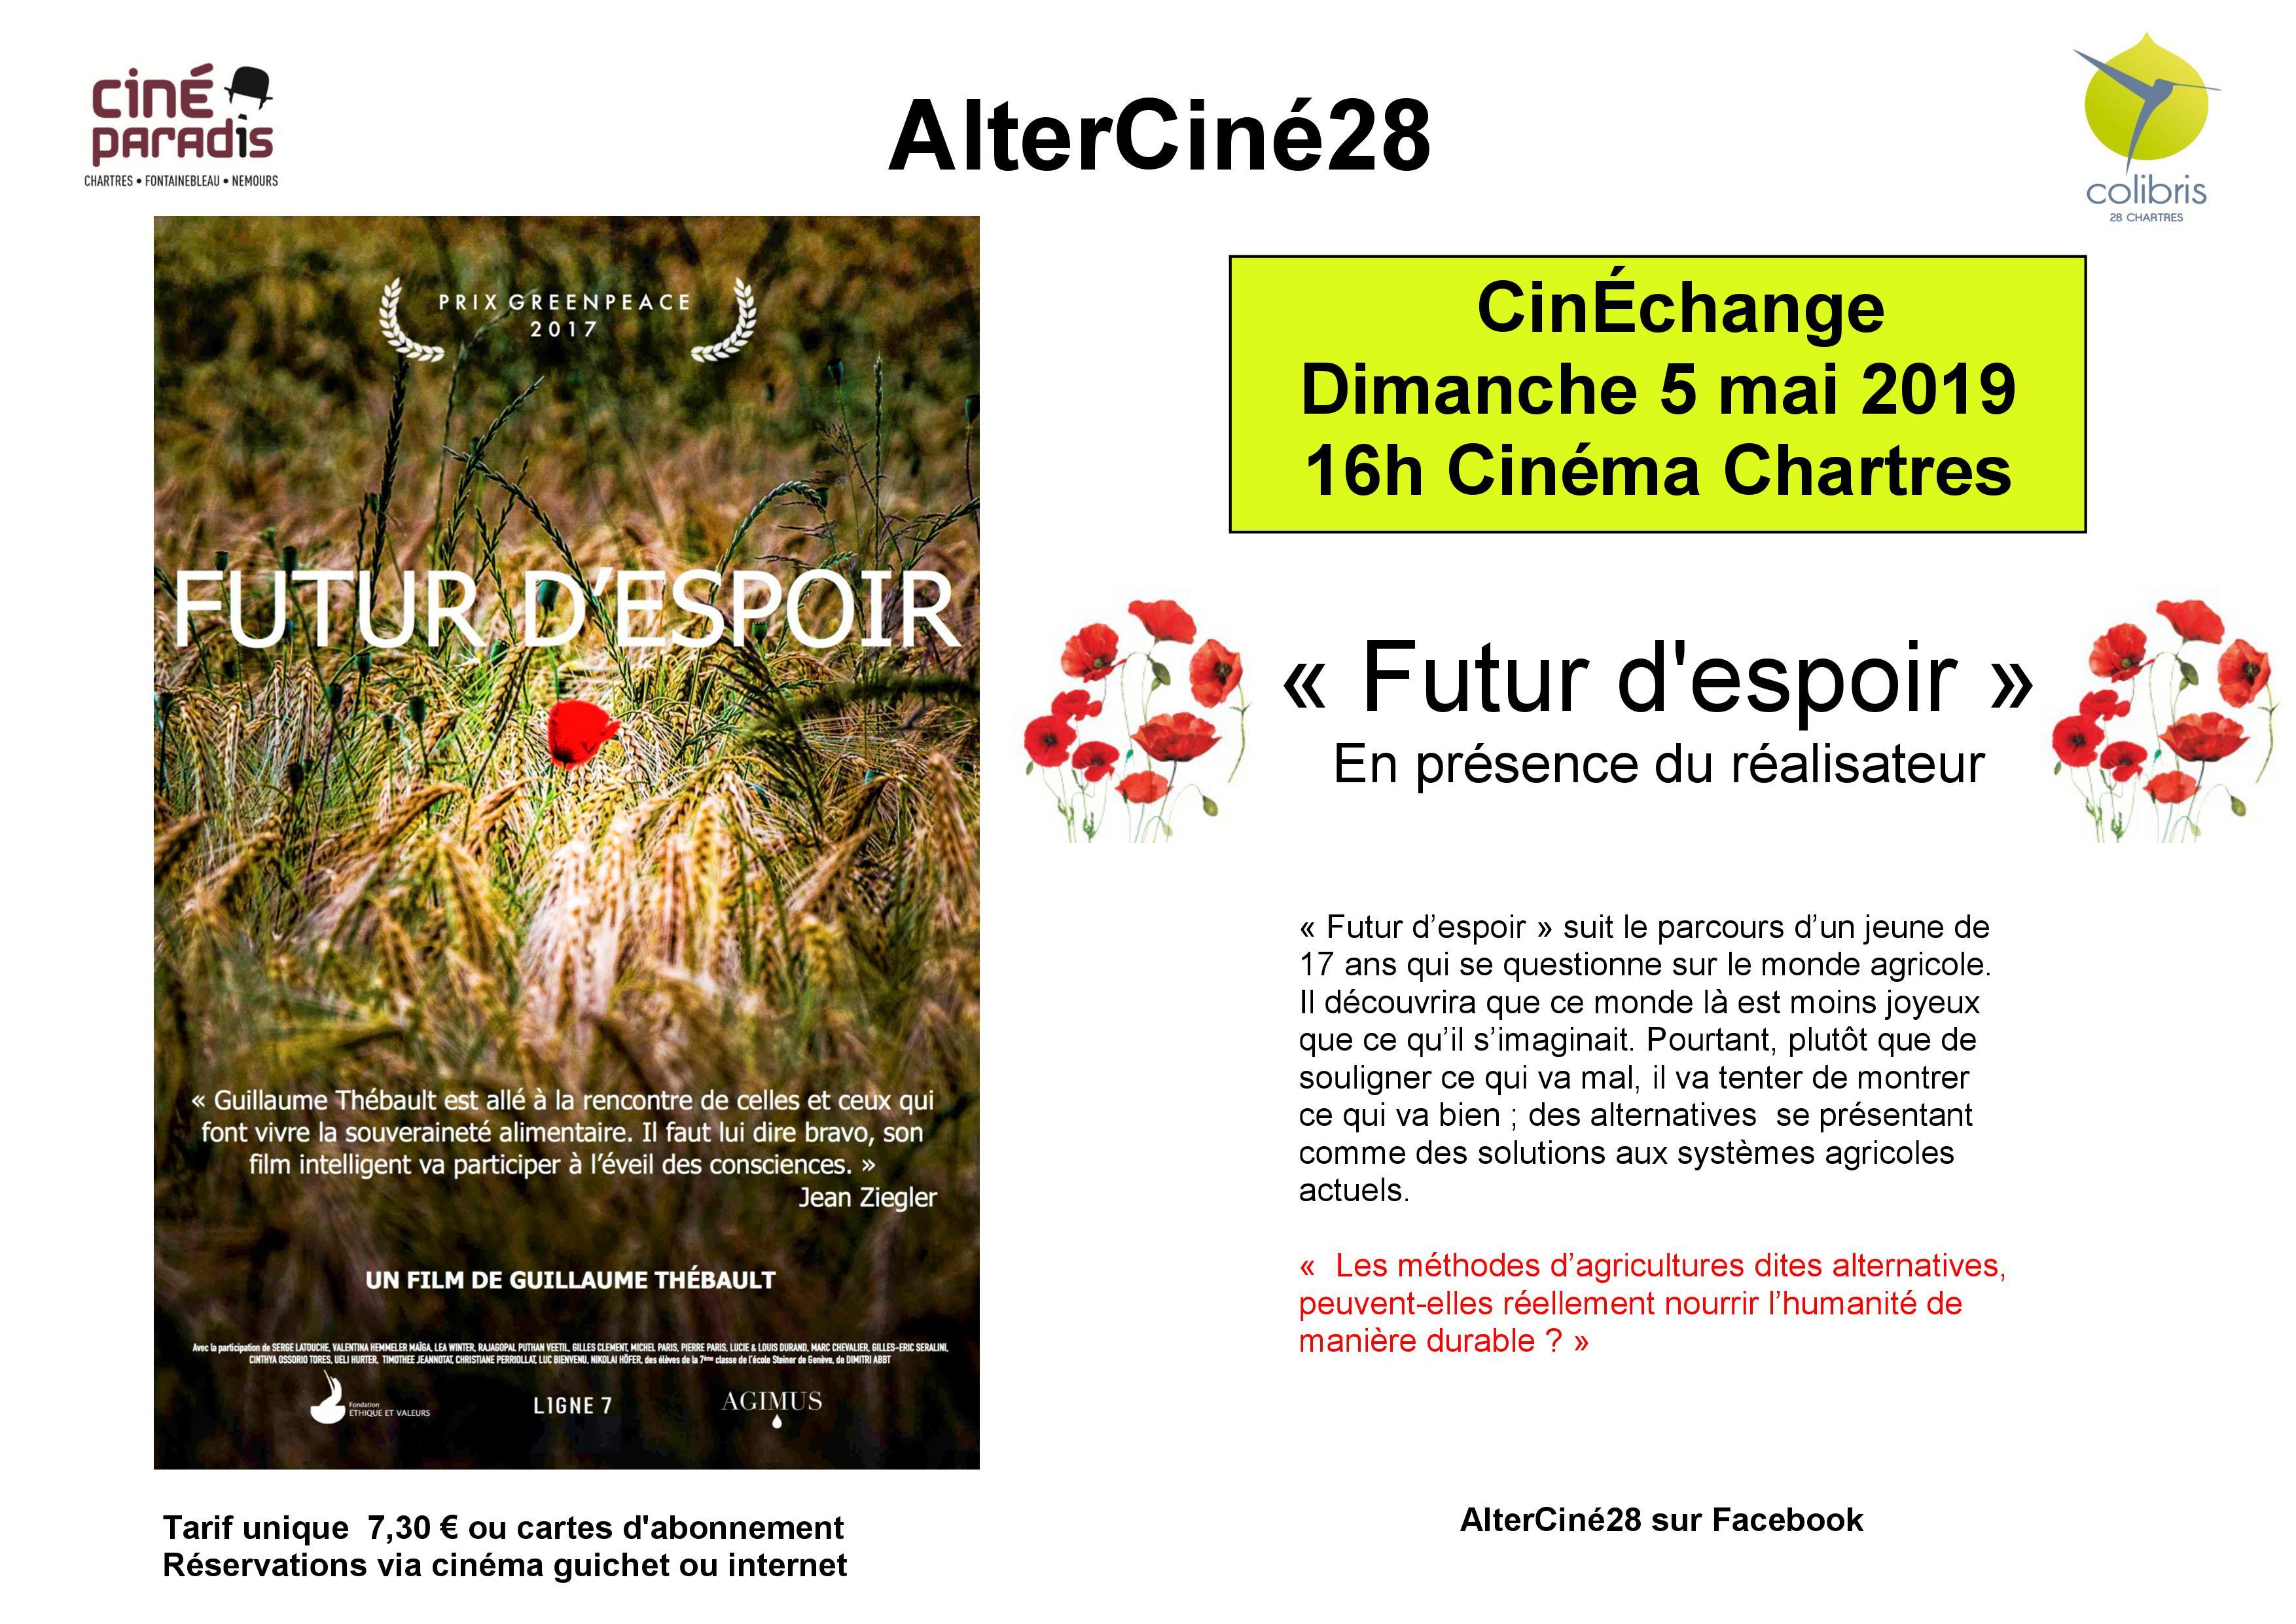 Affiche AlterCiné28 - Futur d'Espoir.jpg